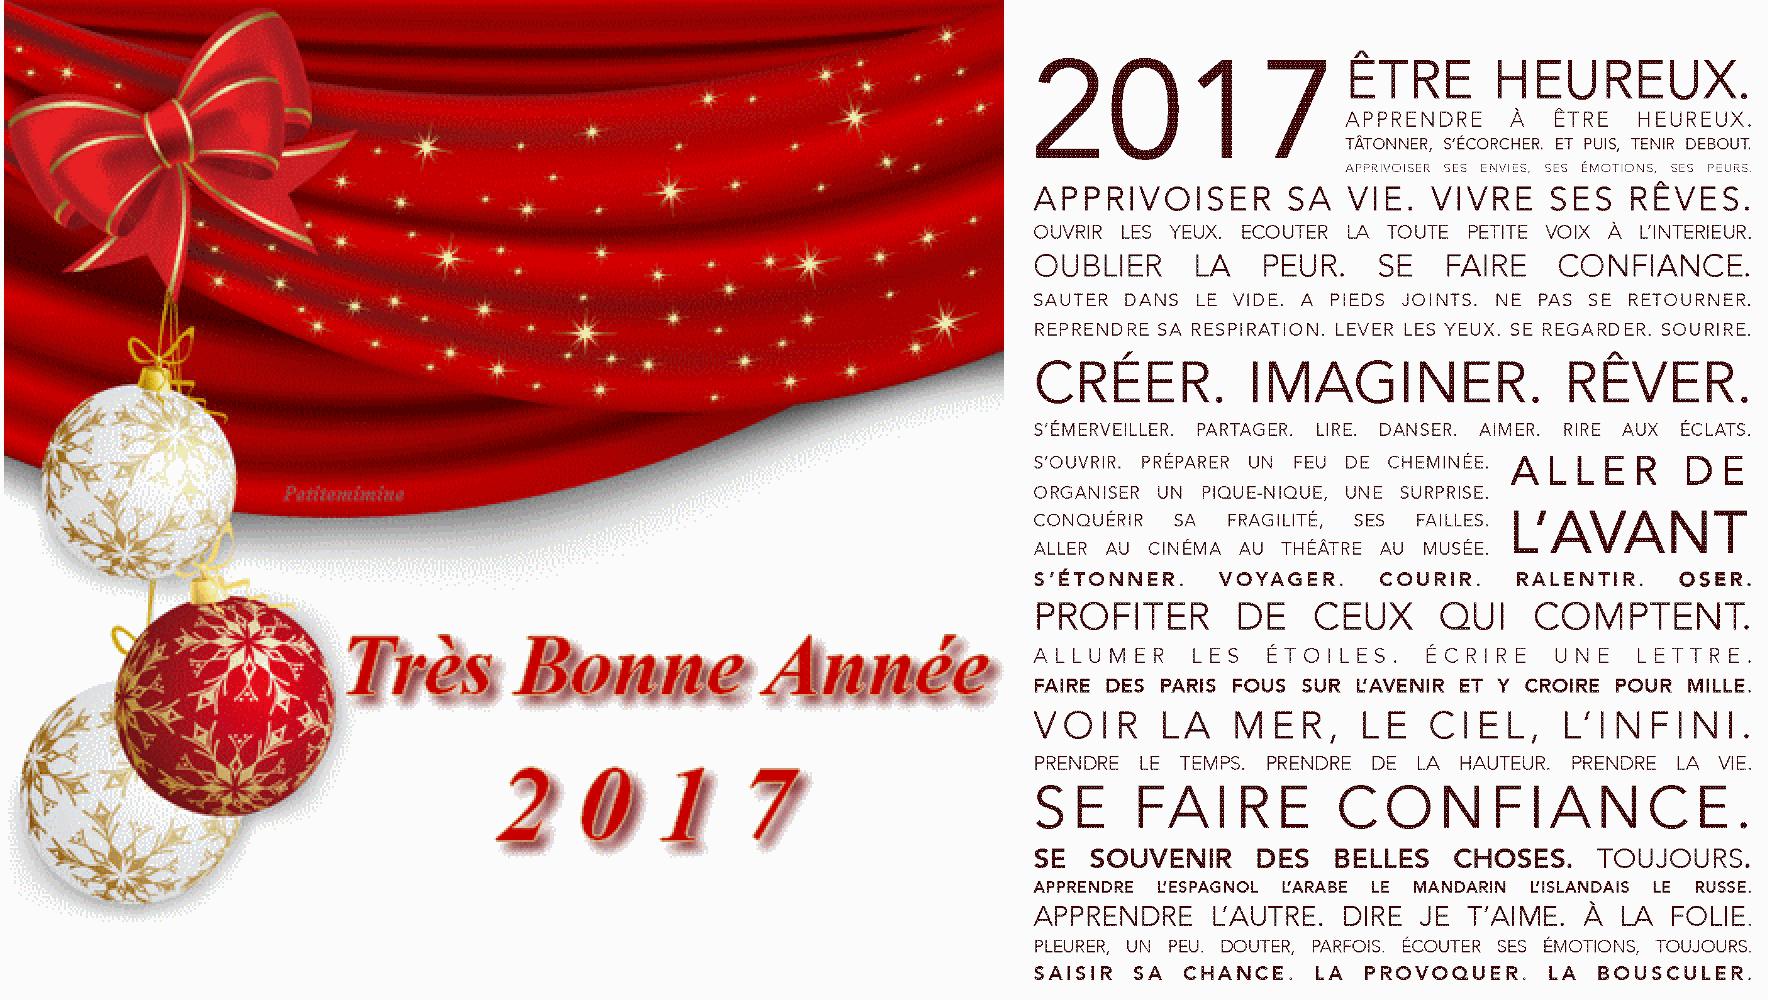 Assez Bonne année 2017 - Blog arts graphiques de S.L.O RE65